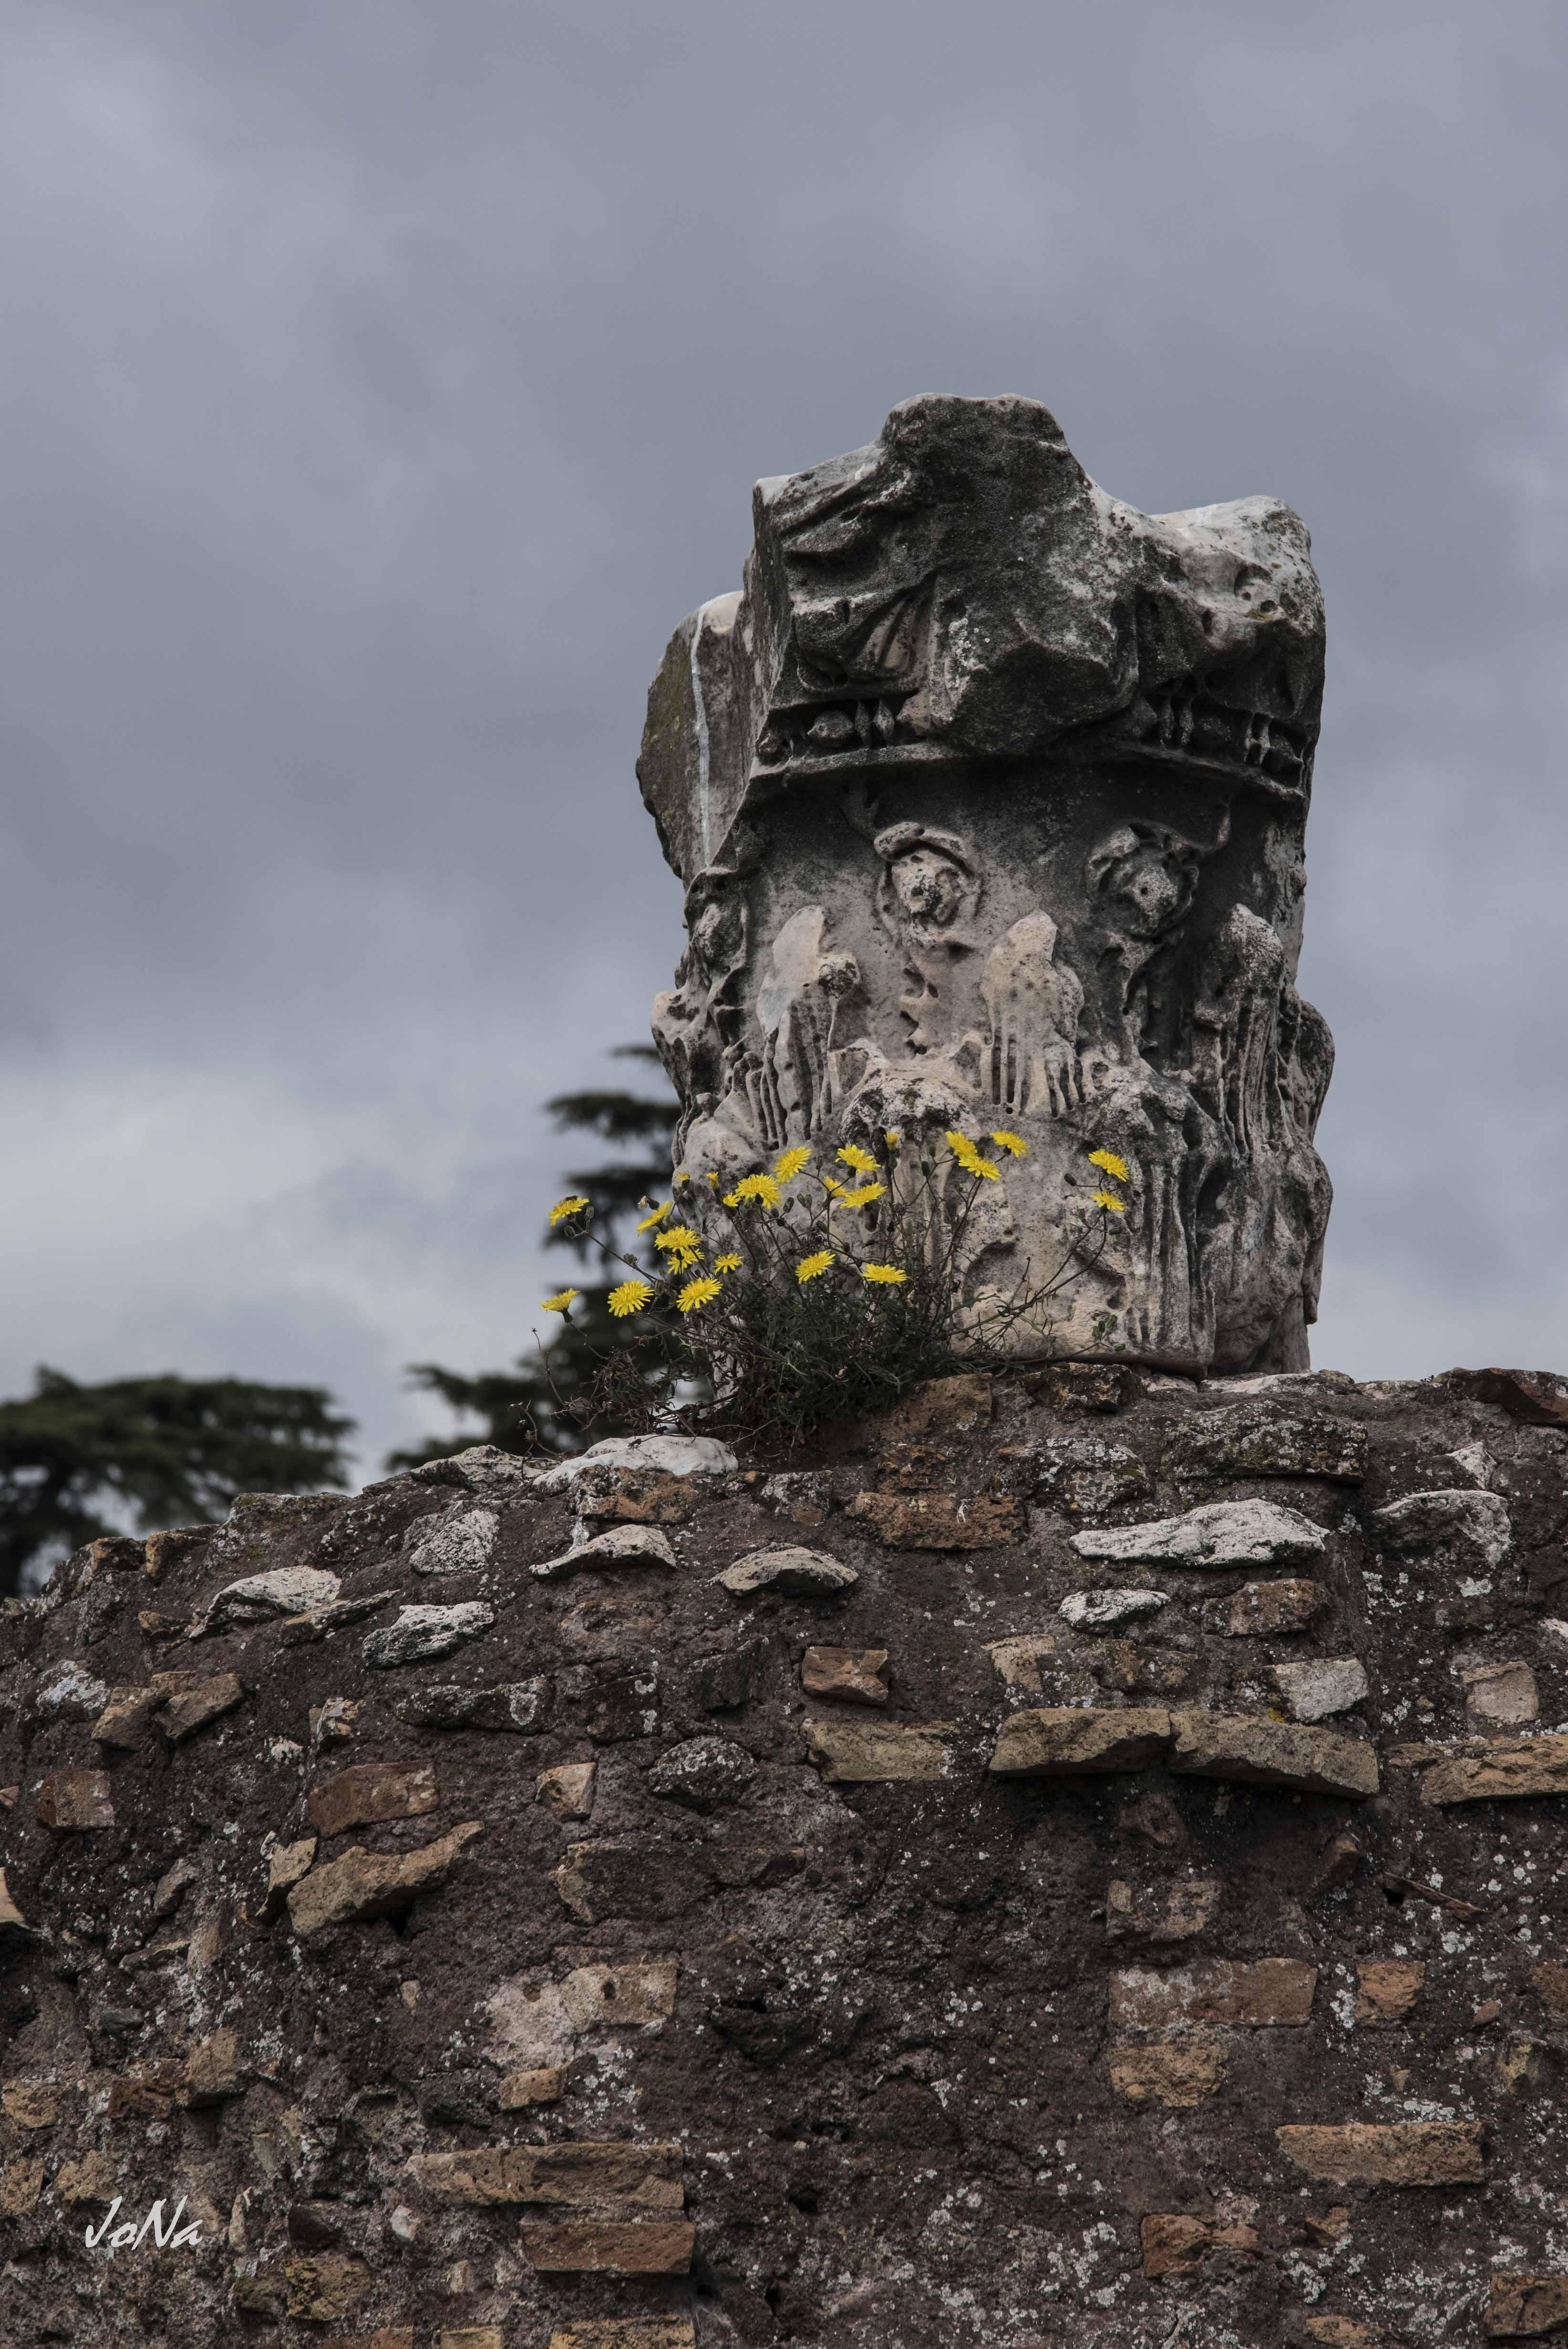 Saeulenrest im Forum Romanum